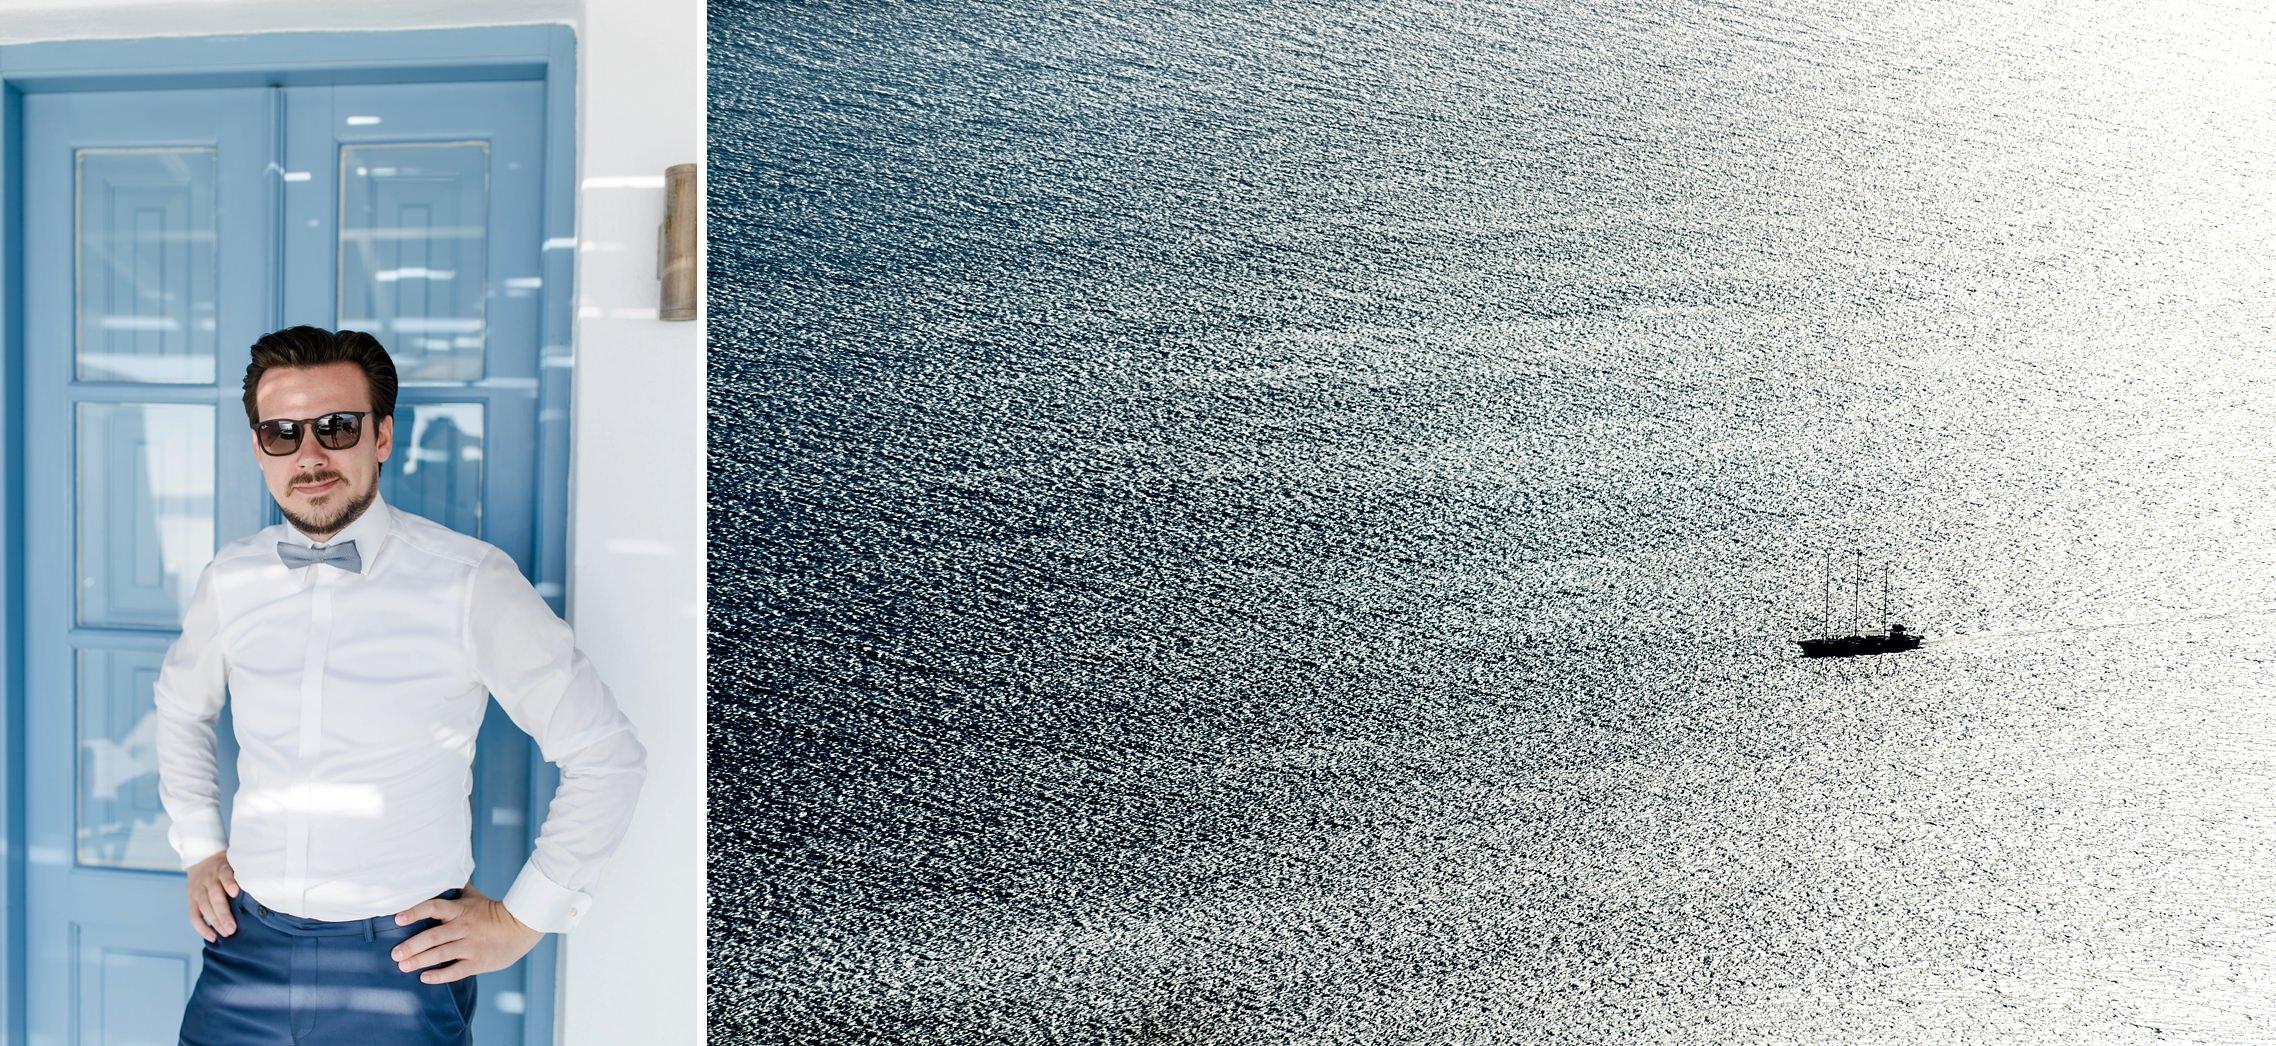 Cooler Bräutigam im Schatten vor dem After-Wedding-Shooting, dazu ein großes Segelschiff, welches im Gegenlicht auf dem Meer fährt.